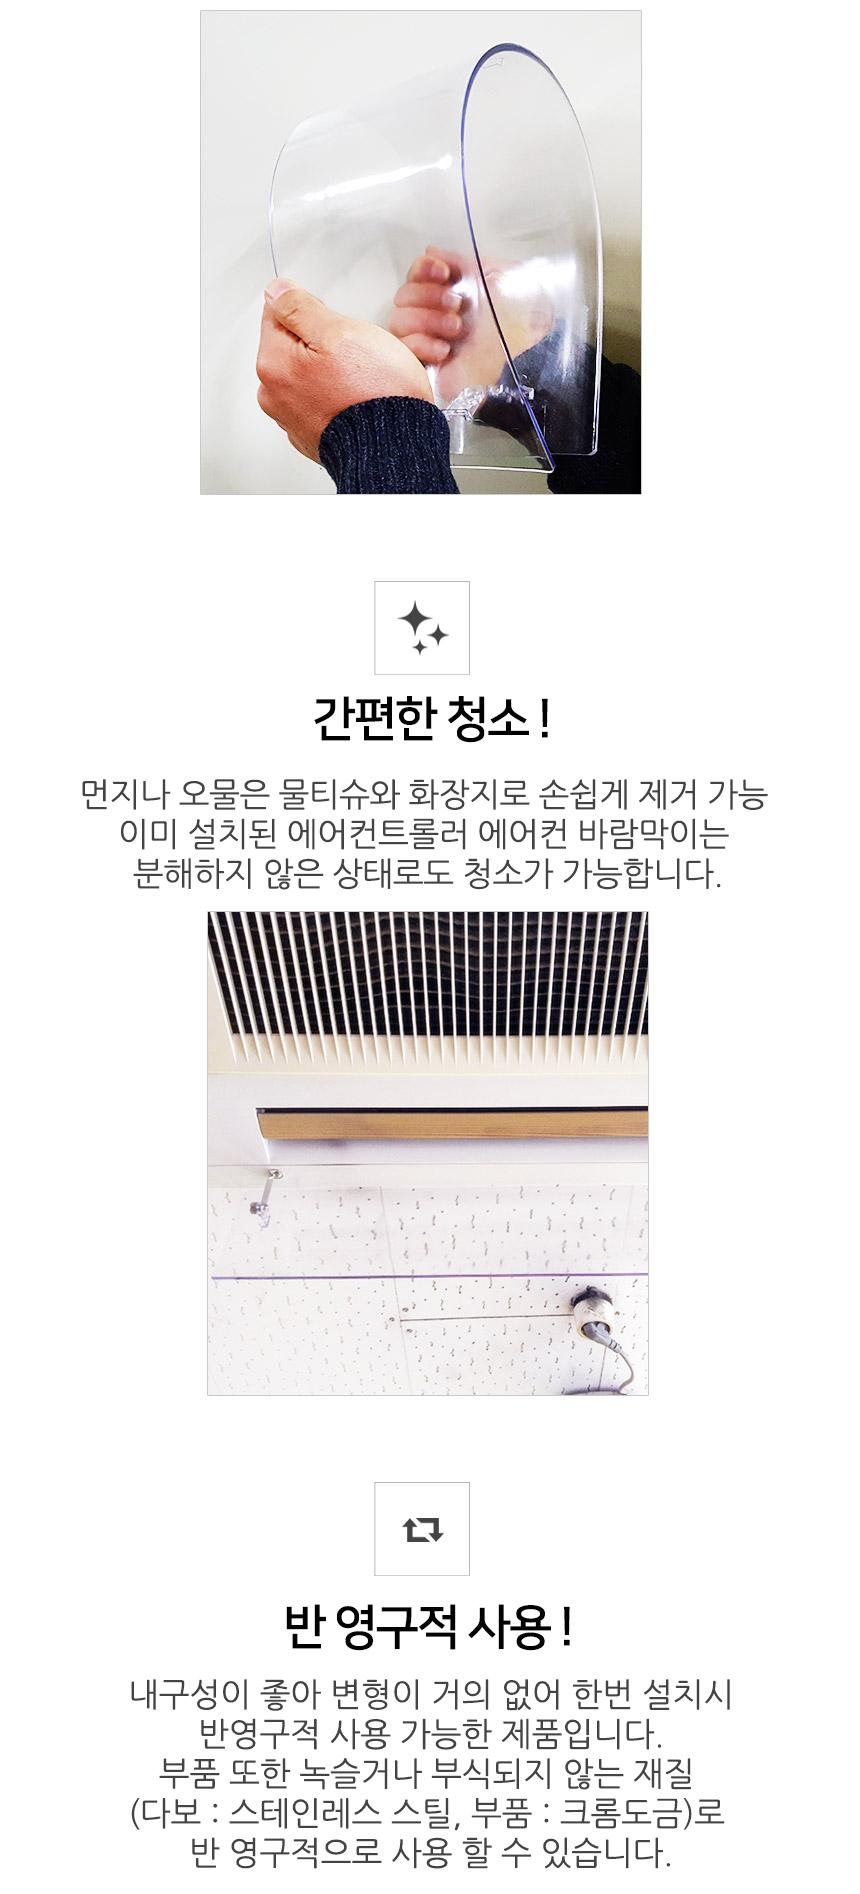 천장형 에어컨 바람막이 4way 낱개1개 - 쥬빌리라이프, 17,000원, 세제&섬유유연제, 드레스퍼퓸